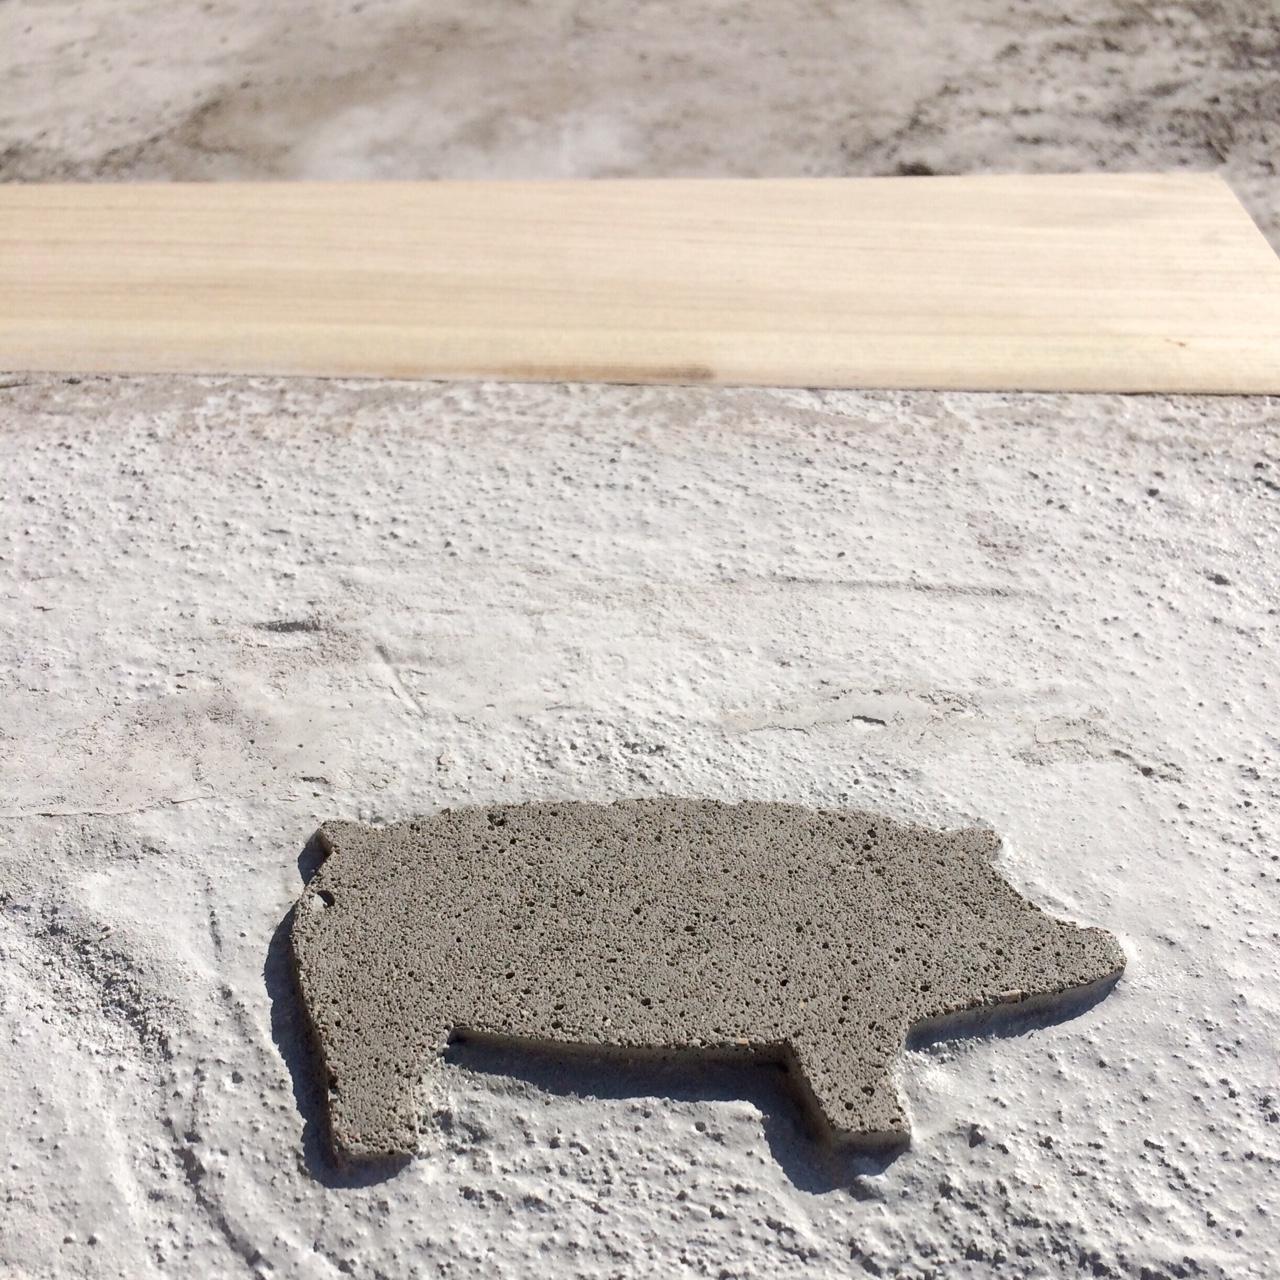 ConcretePig